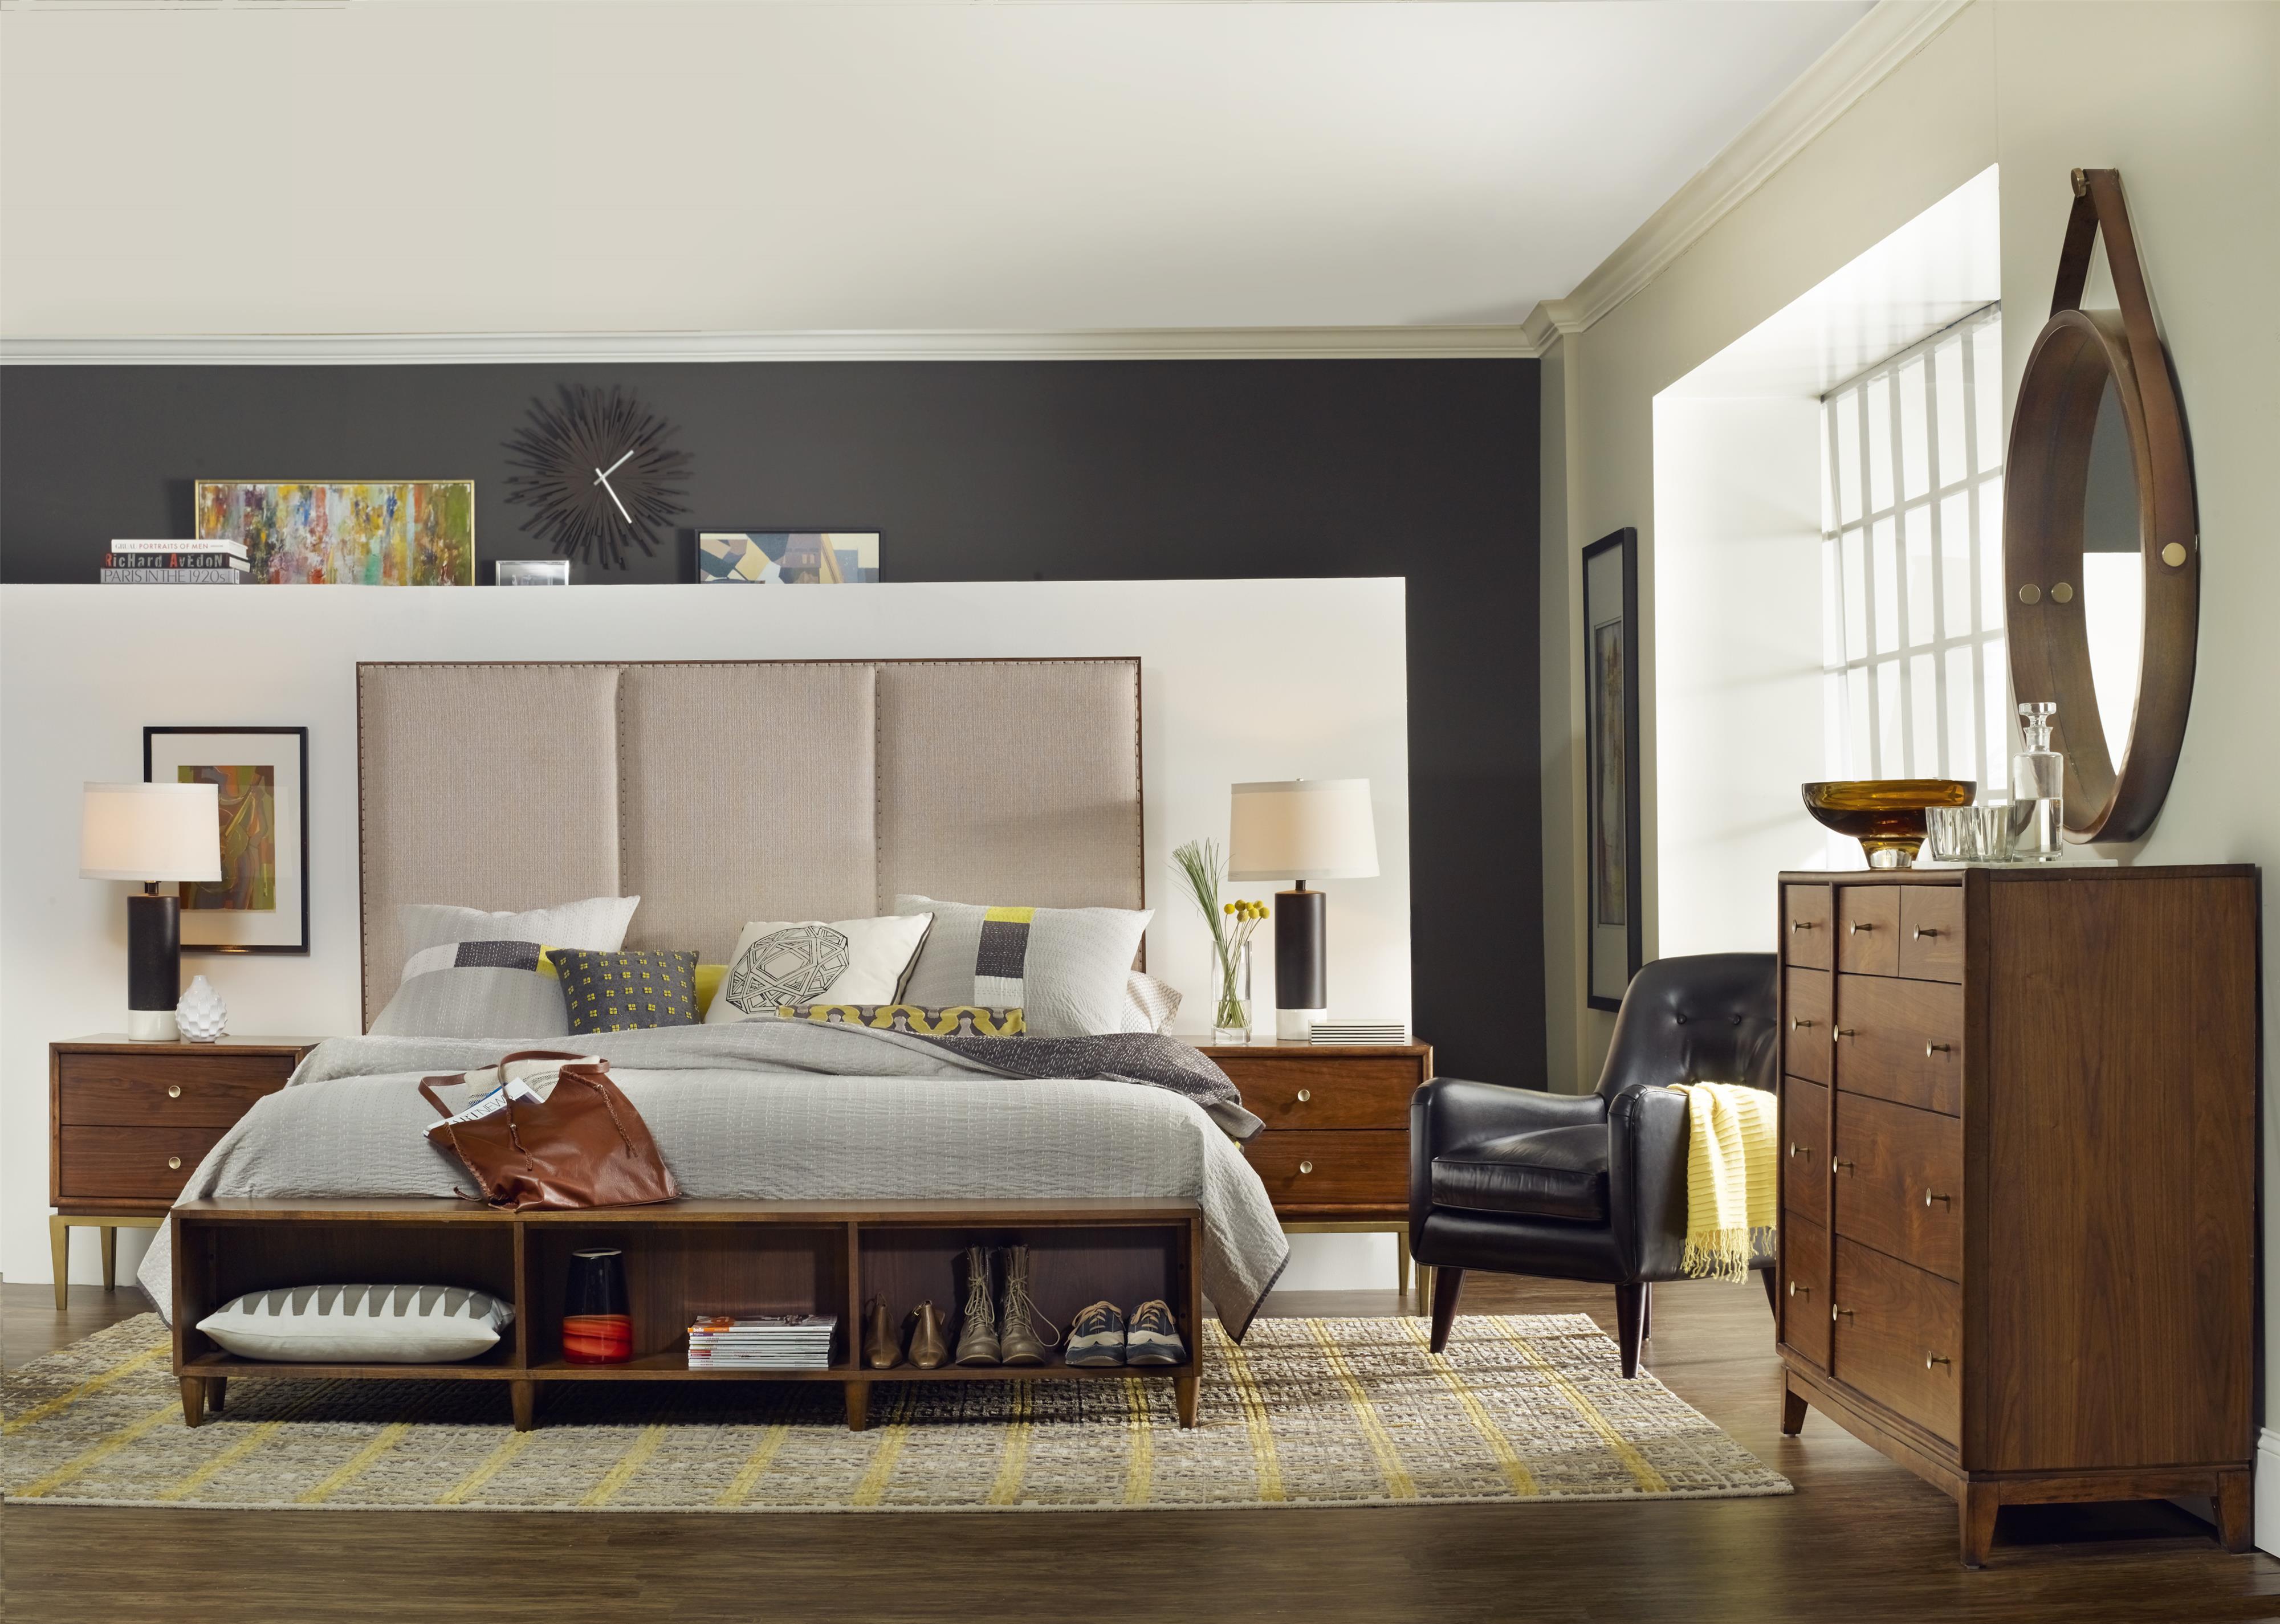 Hooker Furniture Studio 7H King Bedroom Group - Item Number: 5398 K Bedroom Group 3